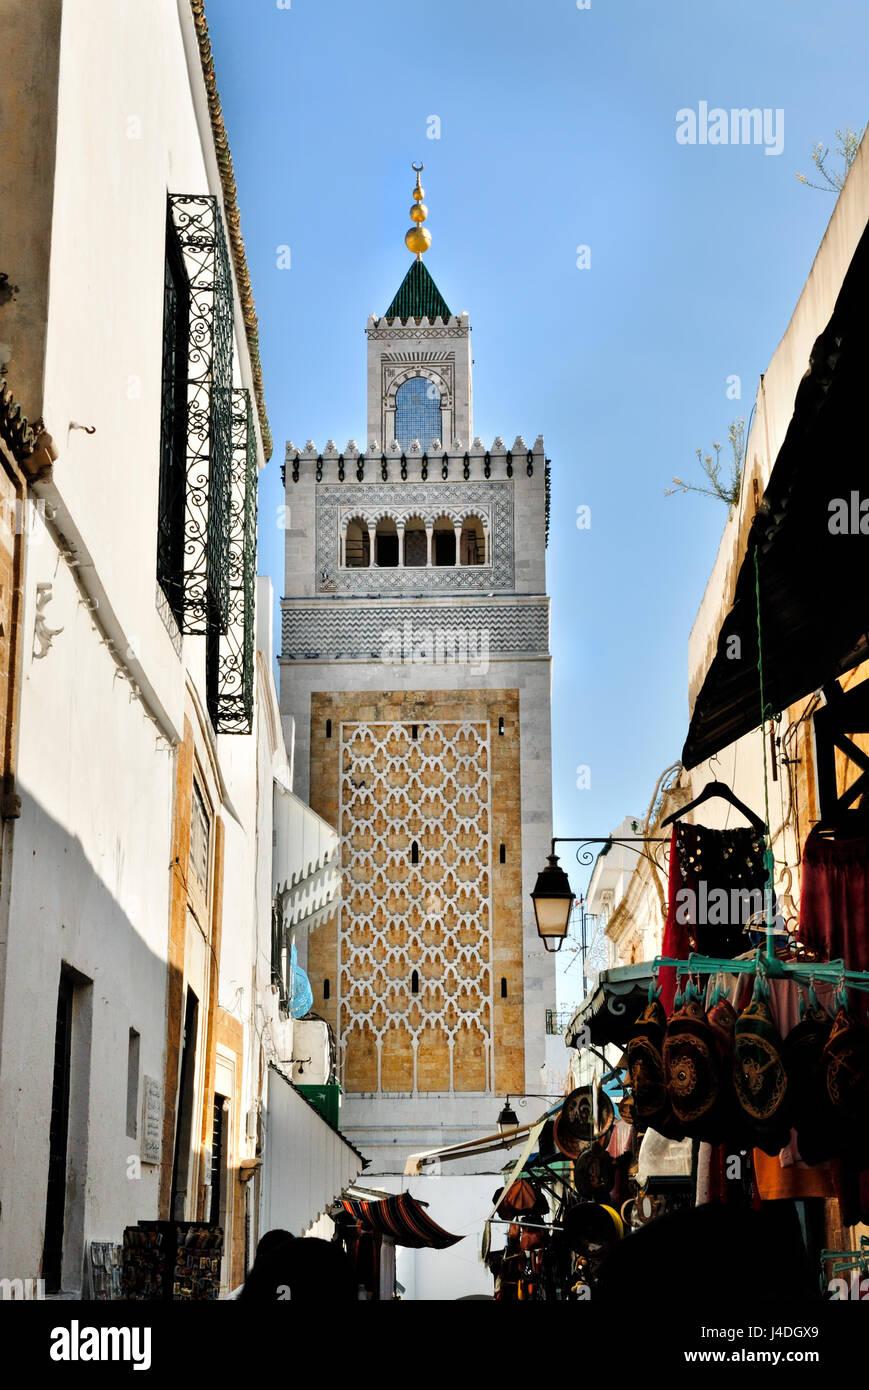 La moschea di Jamaa Moschea Zitouna Ez nella Medina della città di Tunisi, in Tunisia Africa Immagini Stock